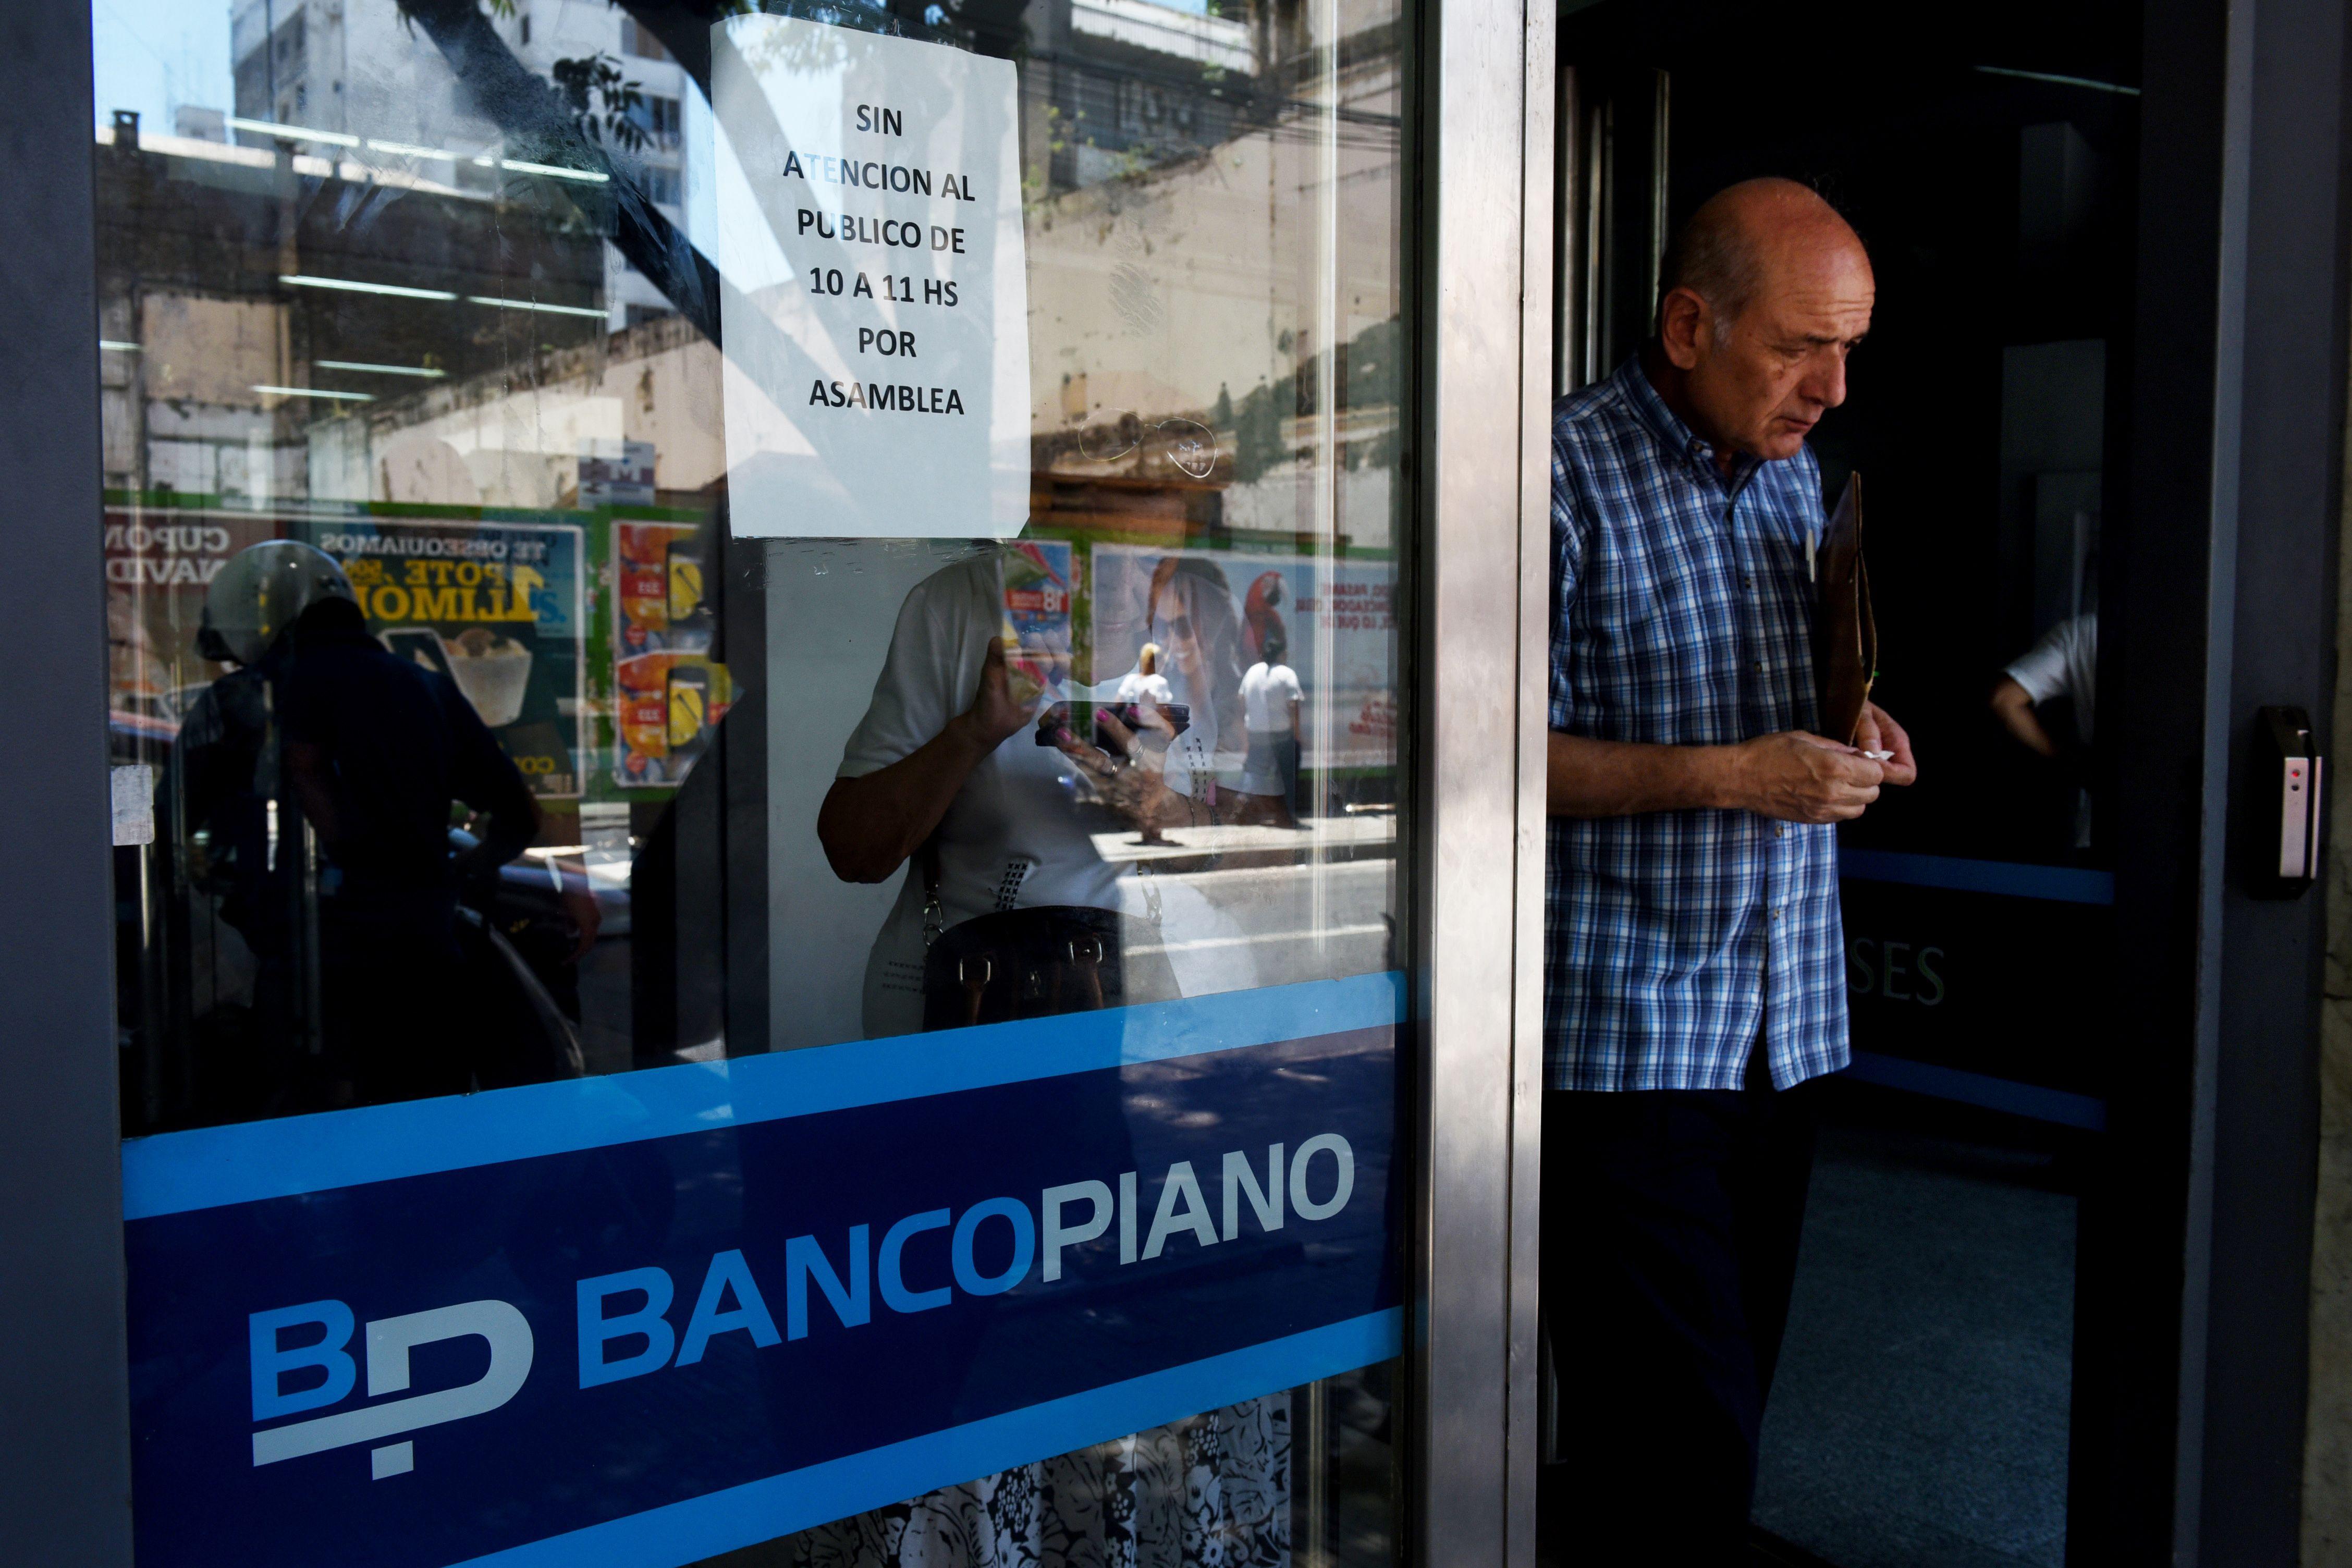 Destrato. Trabajadores y clientes sufren la falta de aire acondicionado. (Celina Mutti Lovera / La Capital)